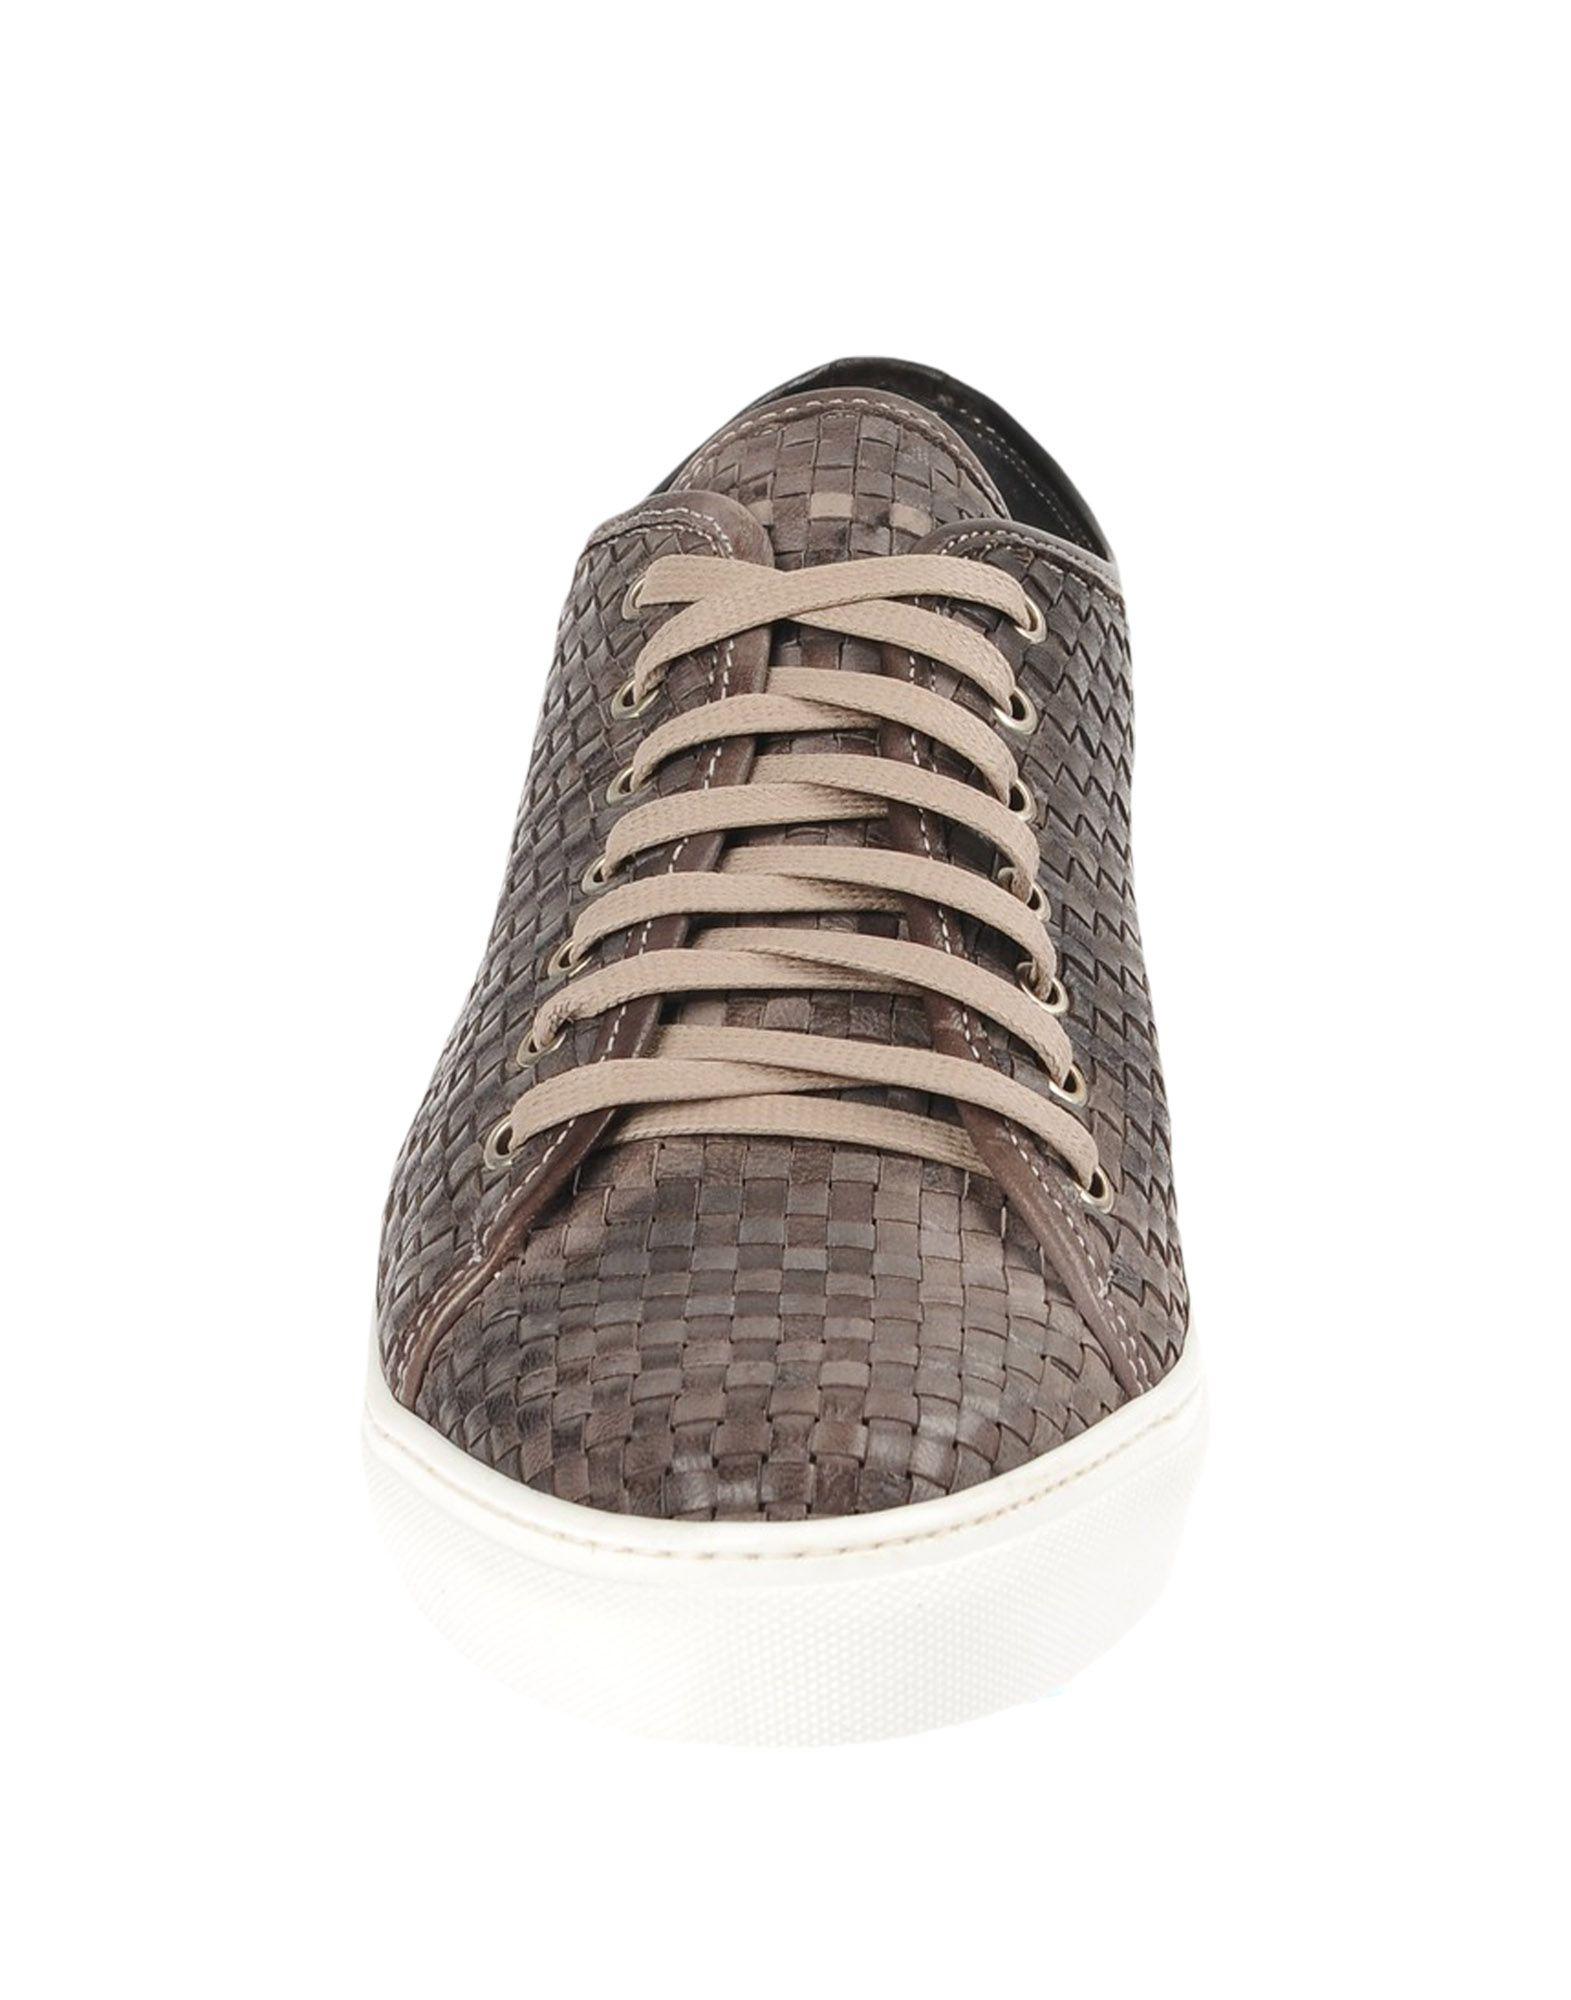 8 Sneakers Herren  11452047NN 11452047NN 11452047NN Heiße Schuhe 7093f9